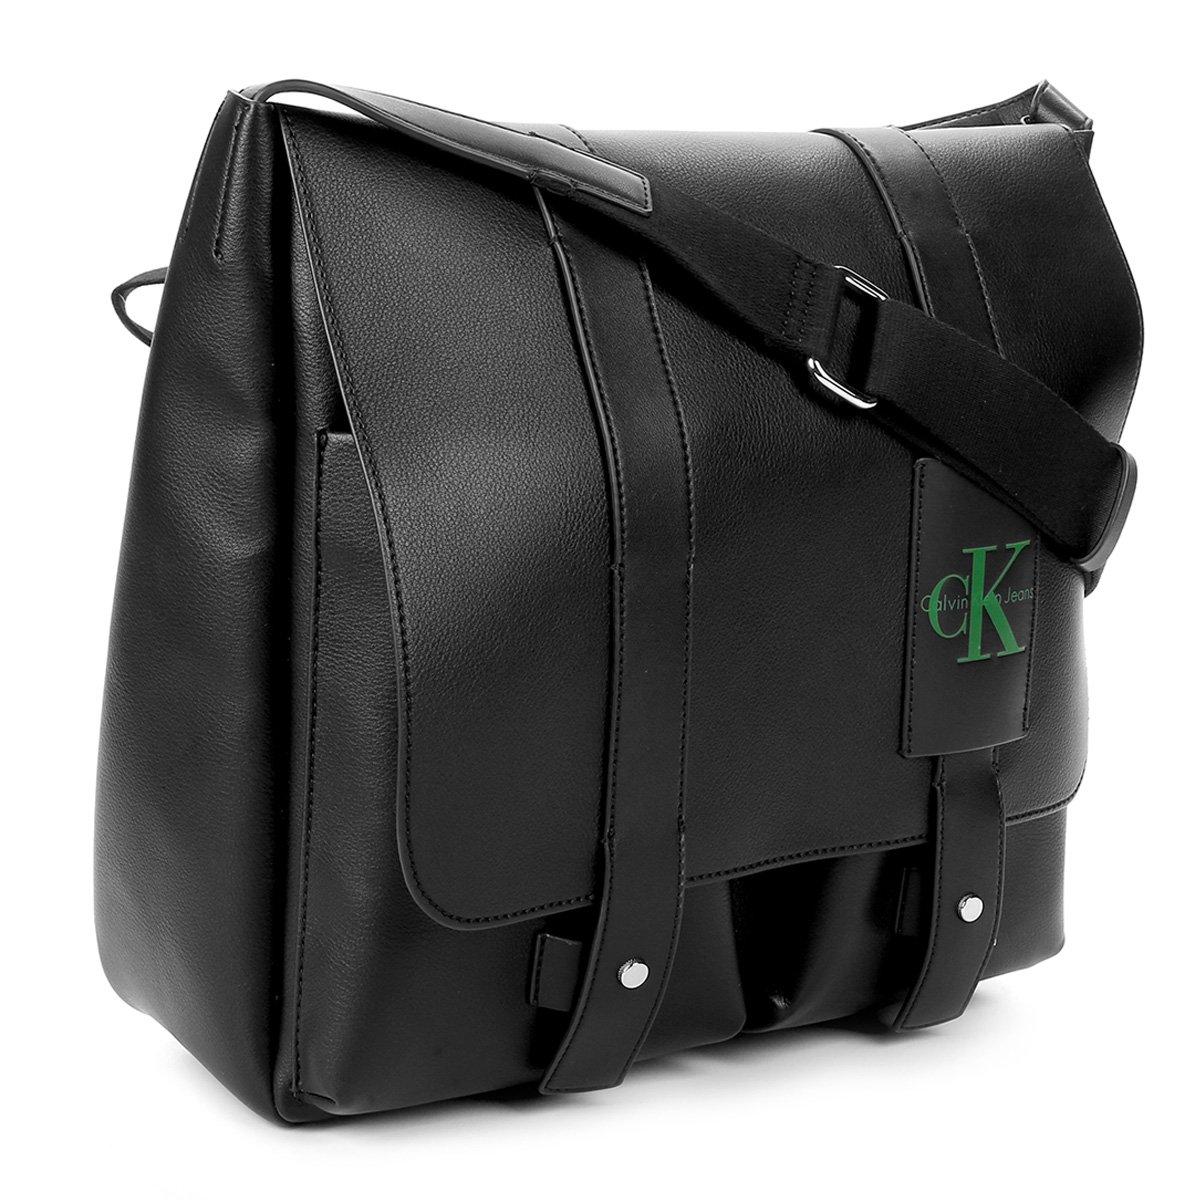 Bolsa Carteiro Calvin Klein Masculina - Preto - Compre Agora   Zattini 20d47b642f